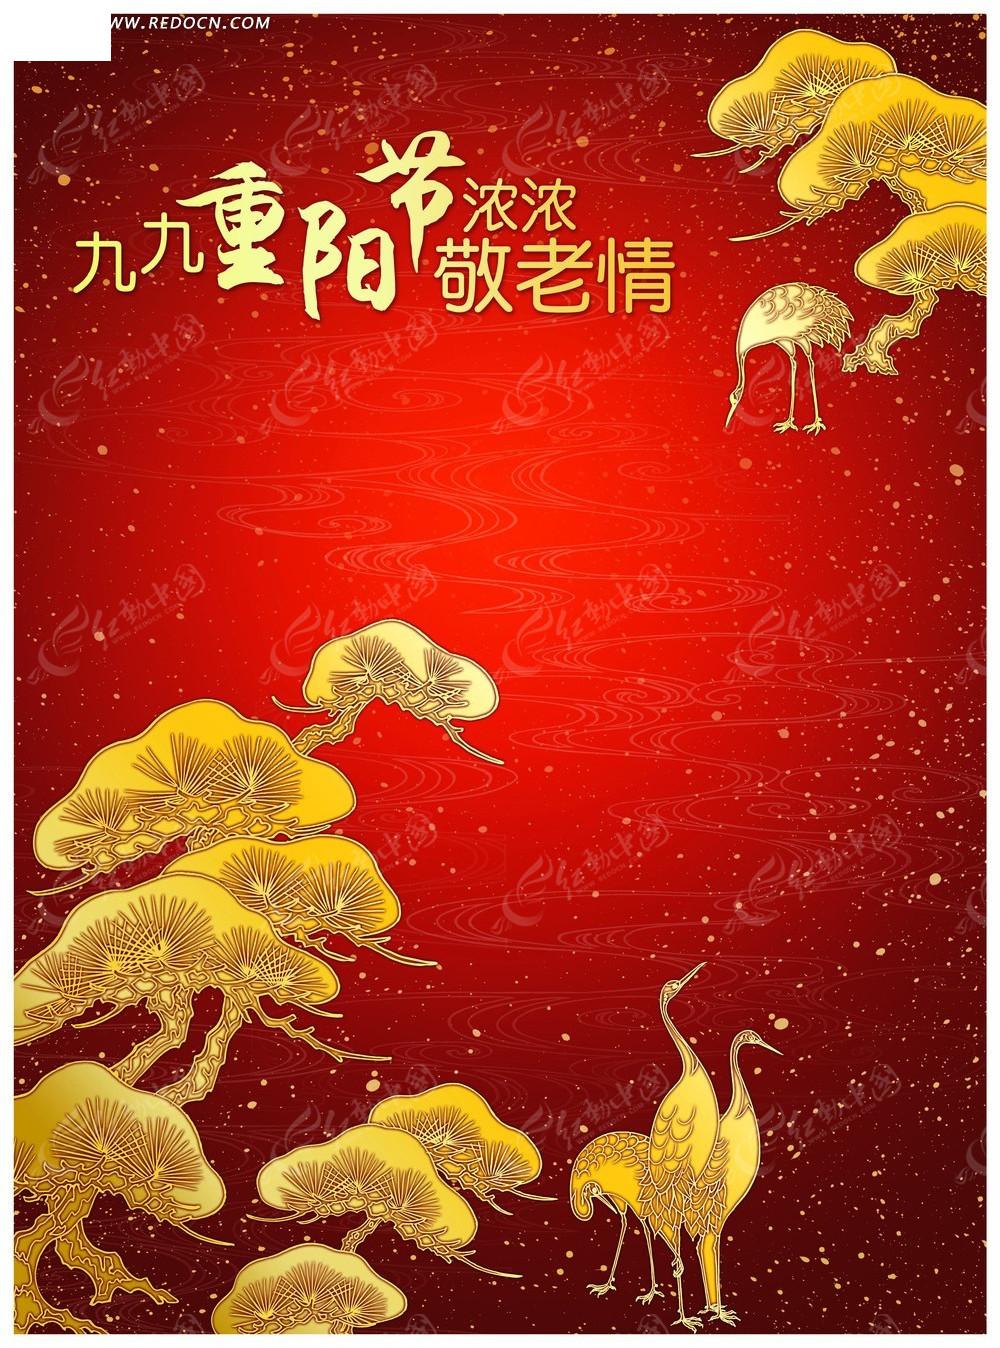 九九重阳节浓浓敬老情海报图片